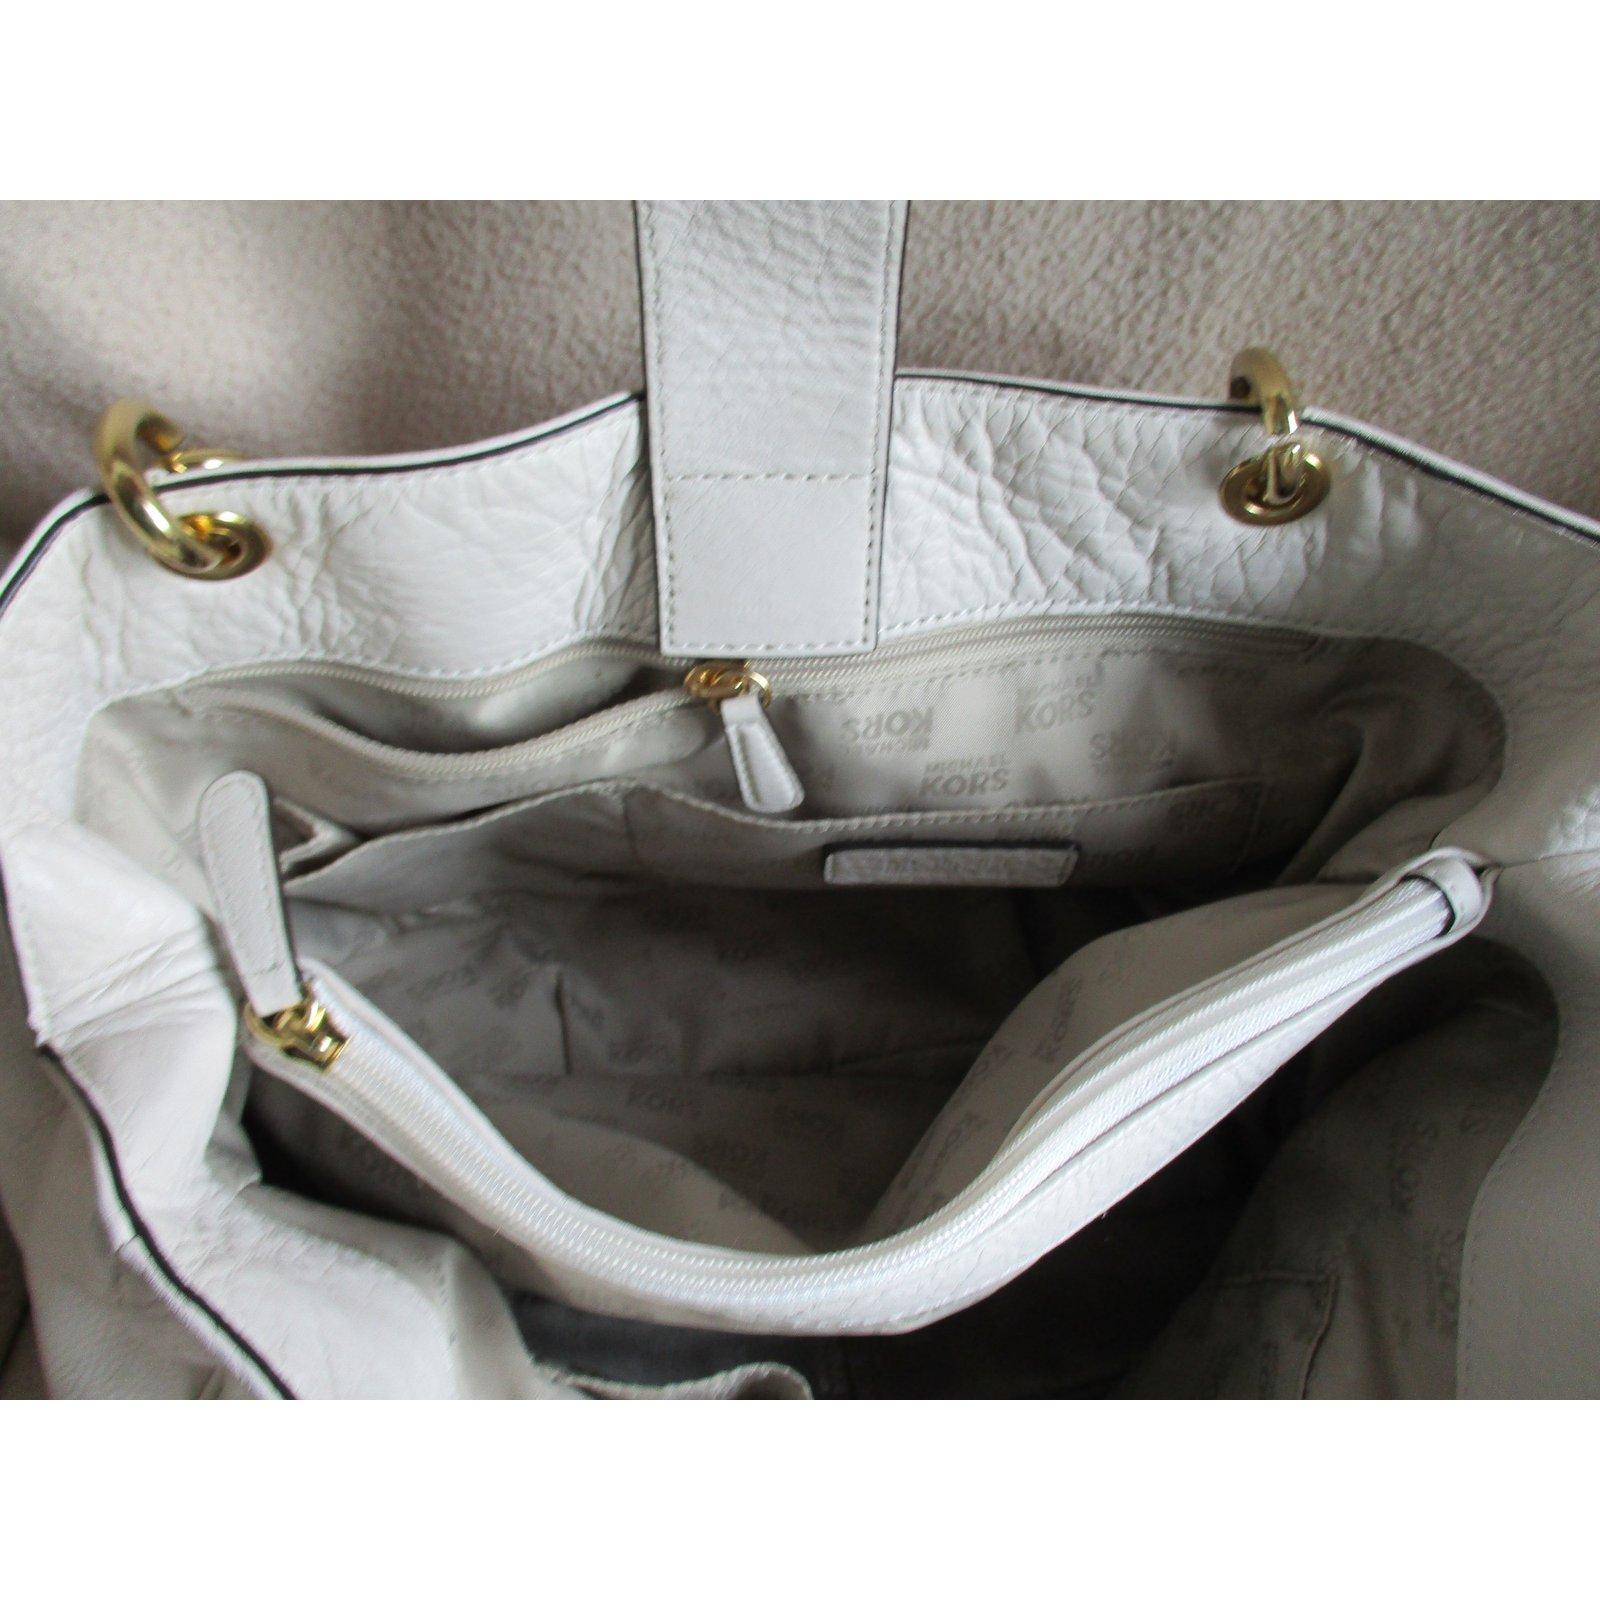 Michael Kors Fulton Chain Tote Vanilla Color Leather Handbags Leather Beige  ref.93465 - Joli Closet 169d92f74e18e